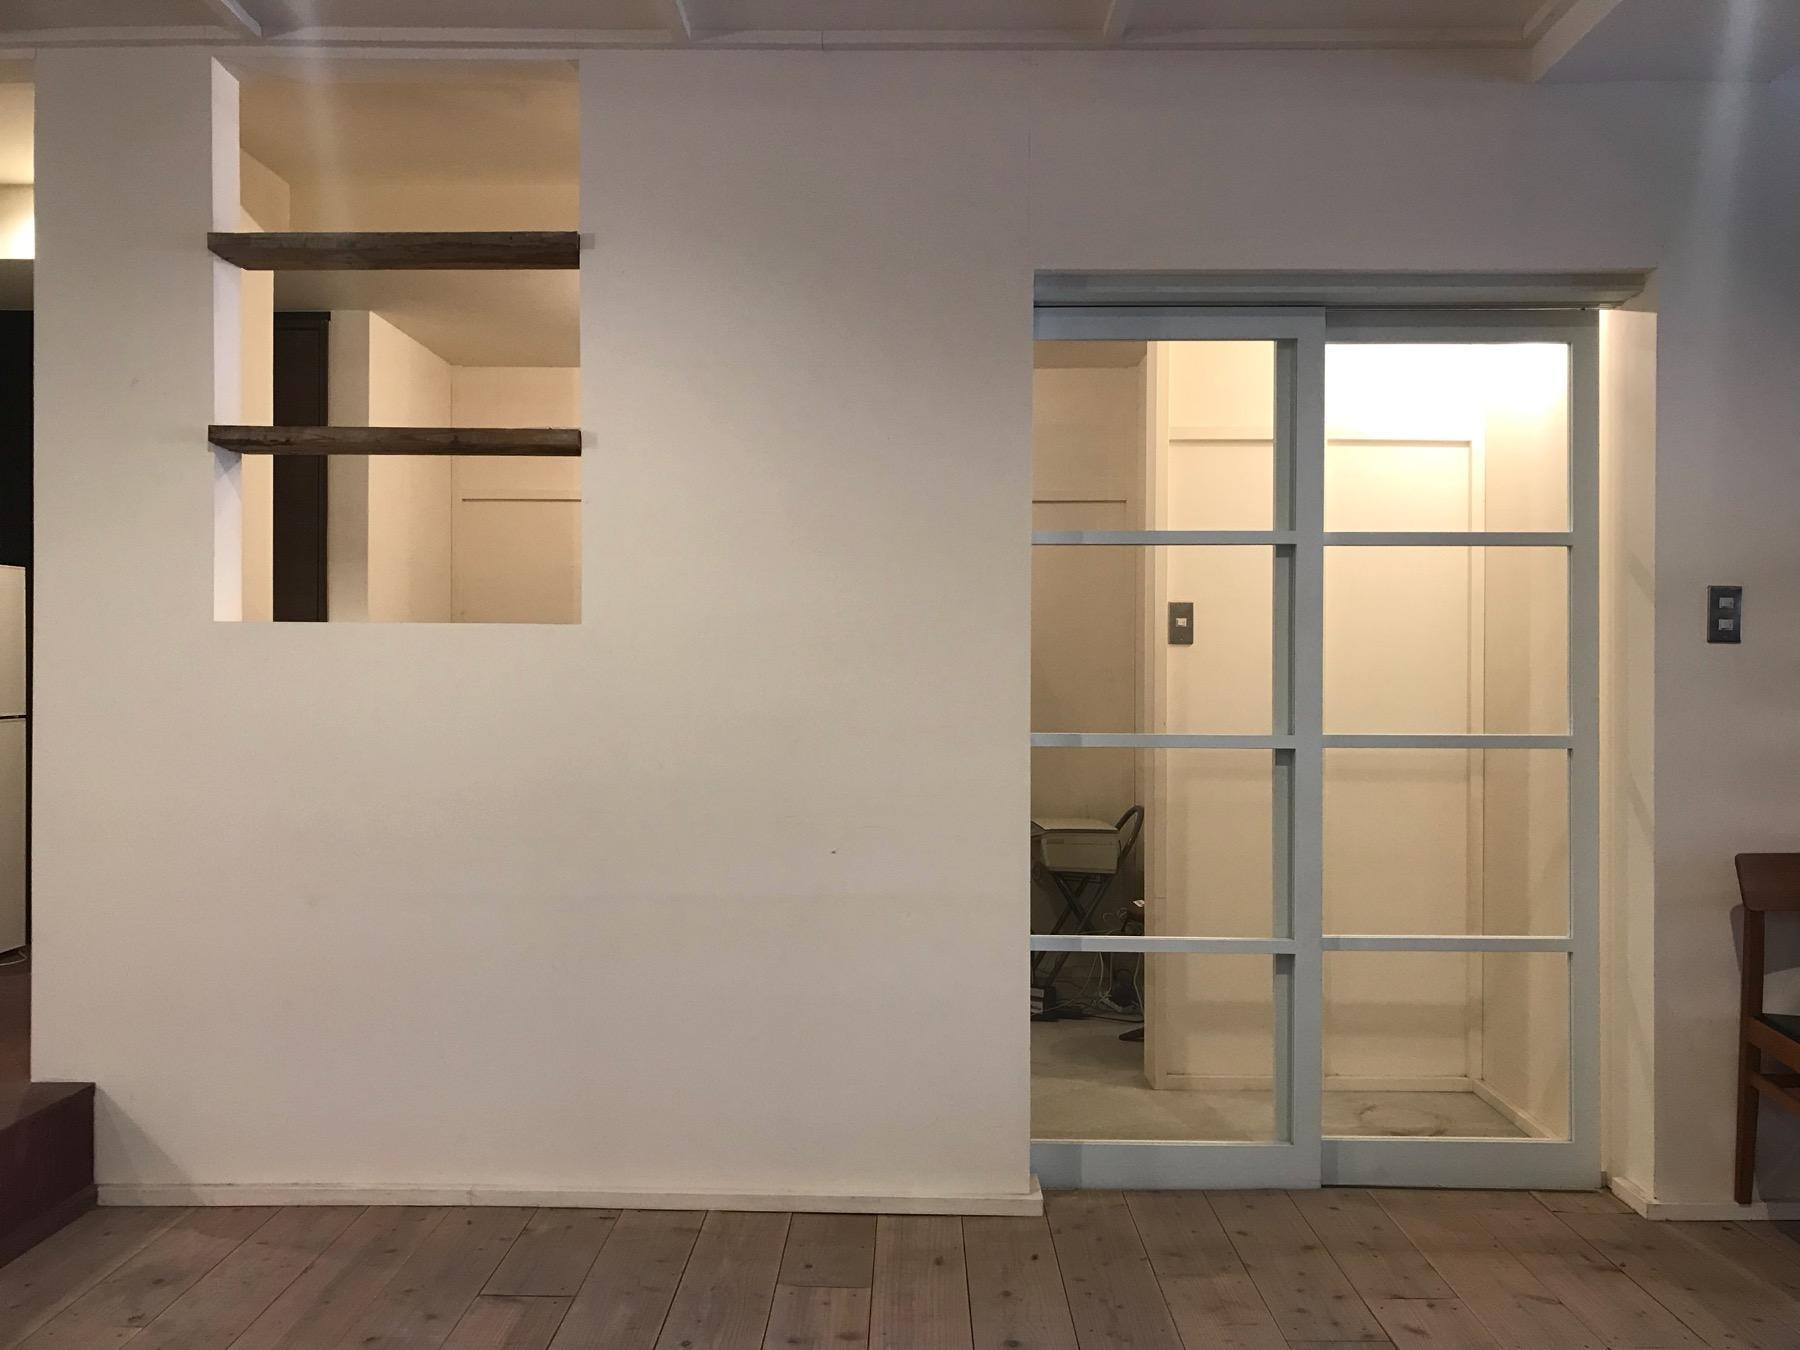 白塗りの壁に古材の床板